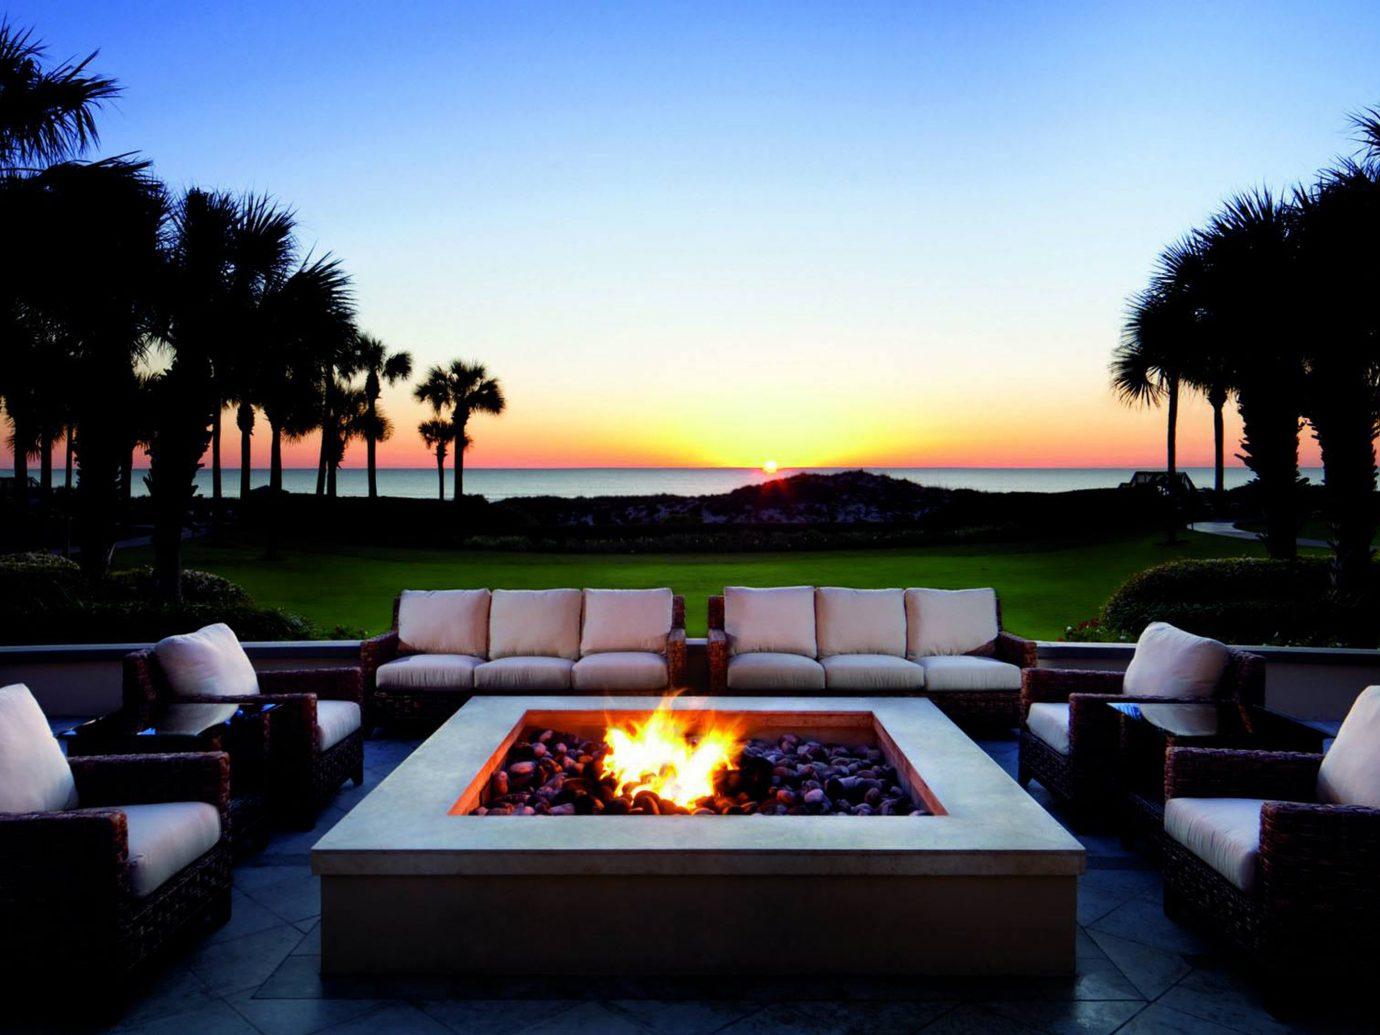 Firepit Hotels Living Lounge Sunset sky outdoor estate lighting evening swimming pool home landscape lighting dusk furniture